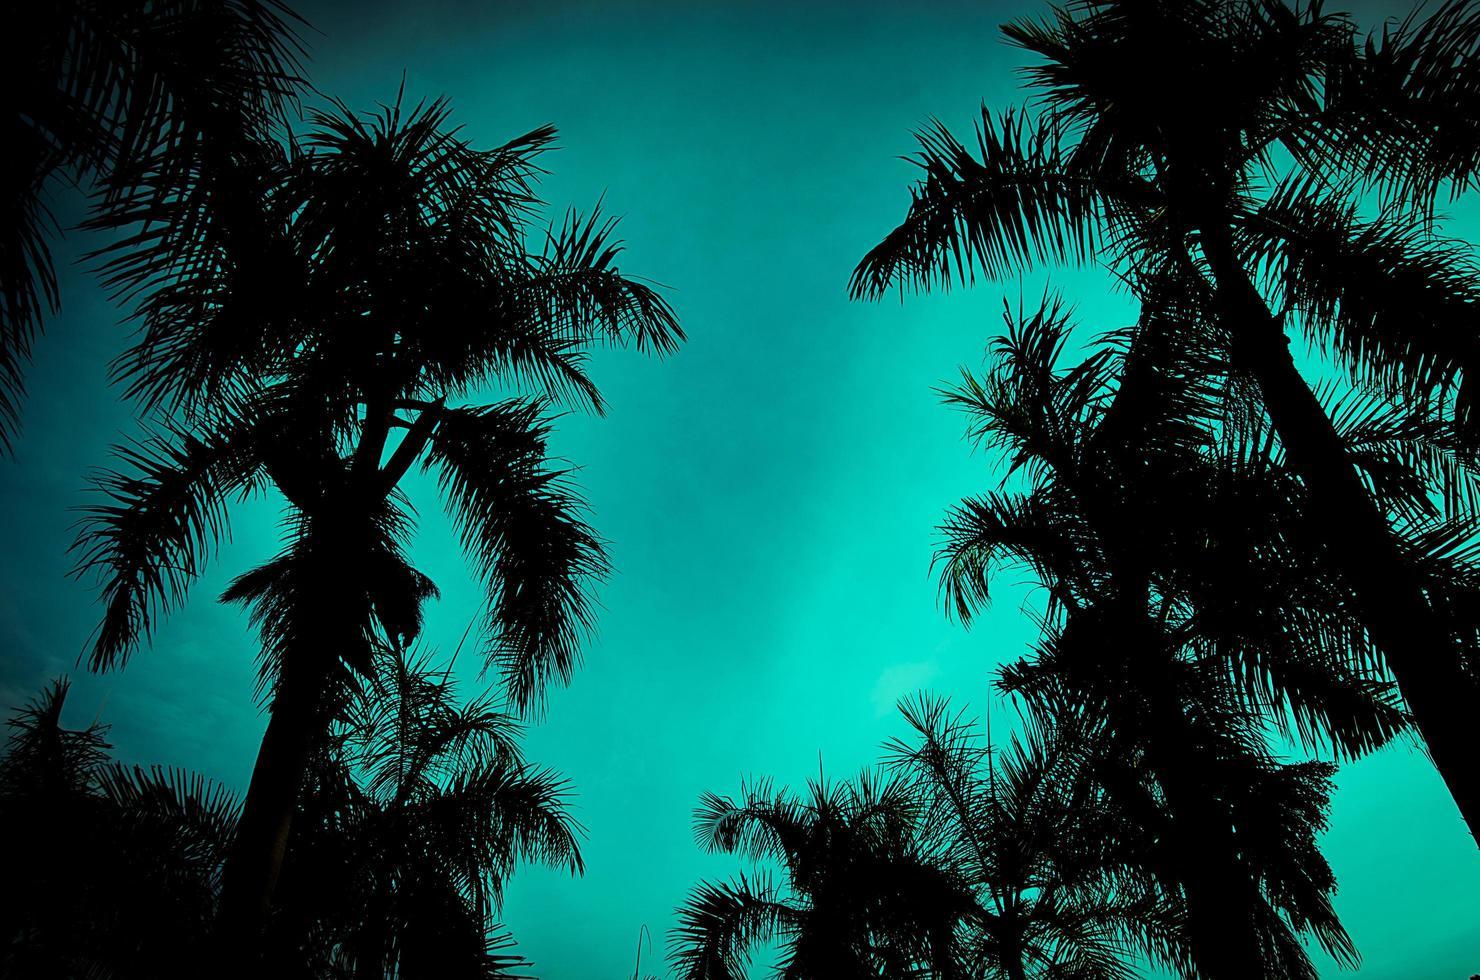 palmiers sous le ciel bleu photo